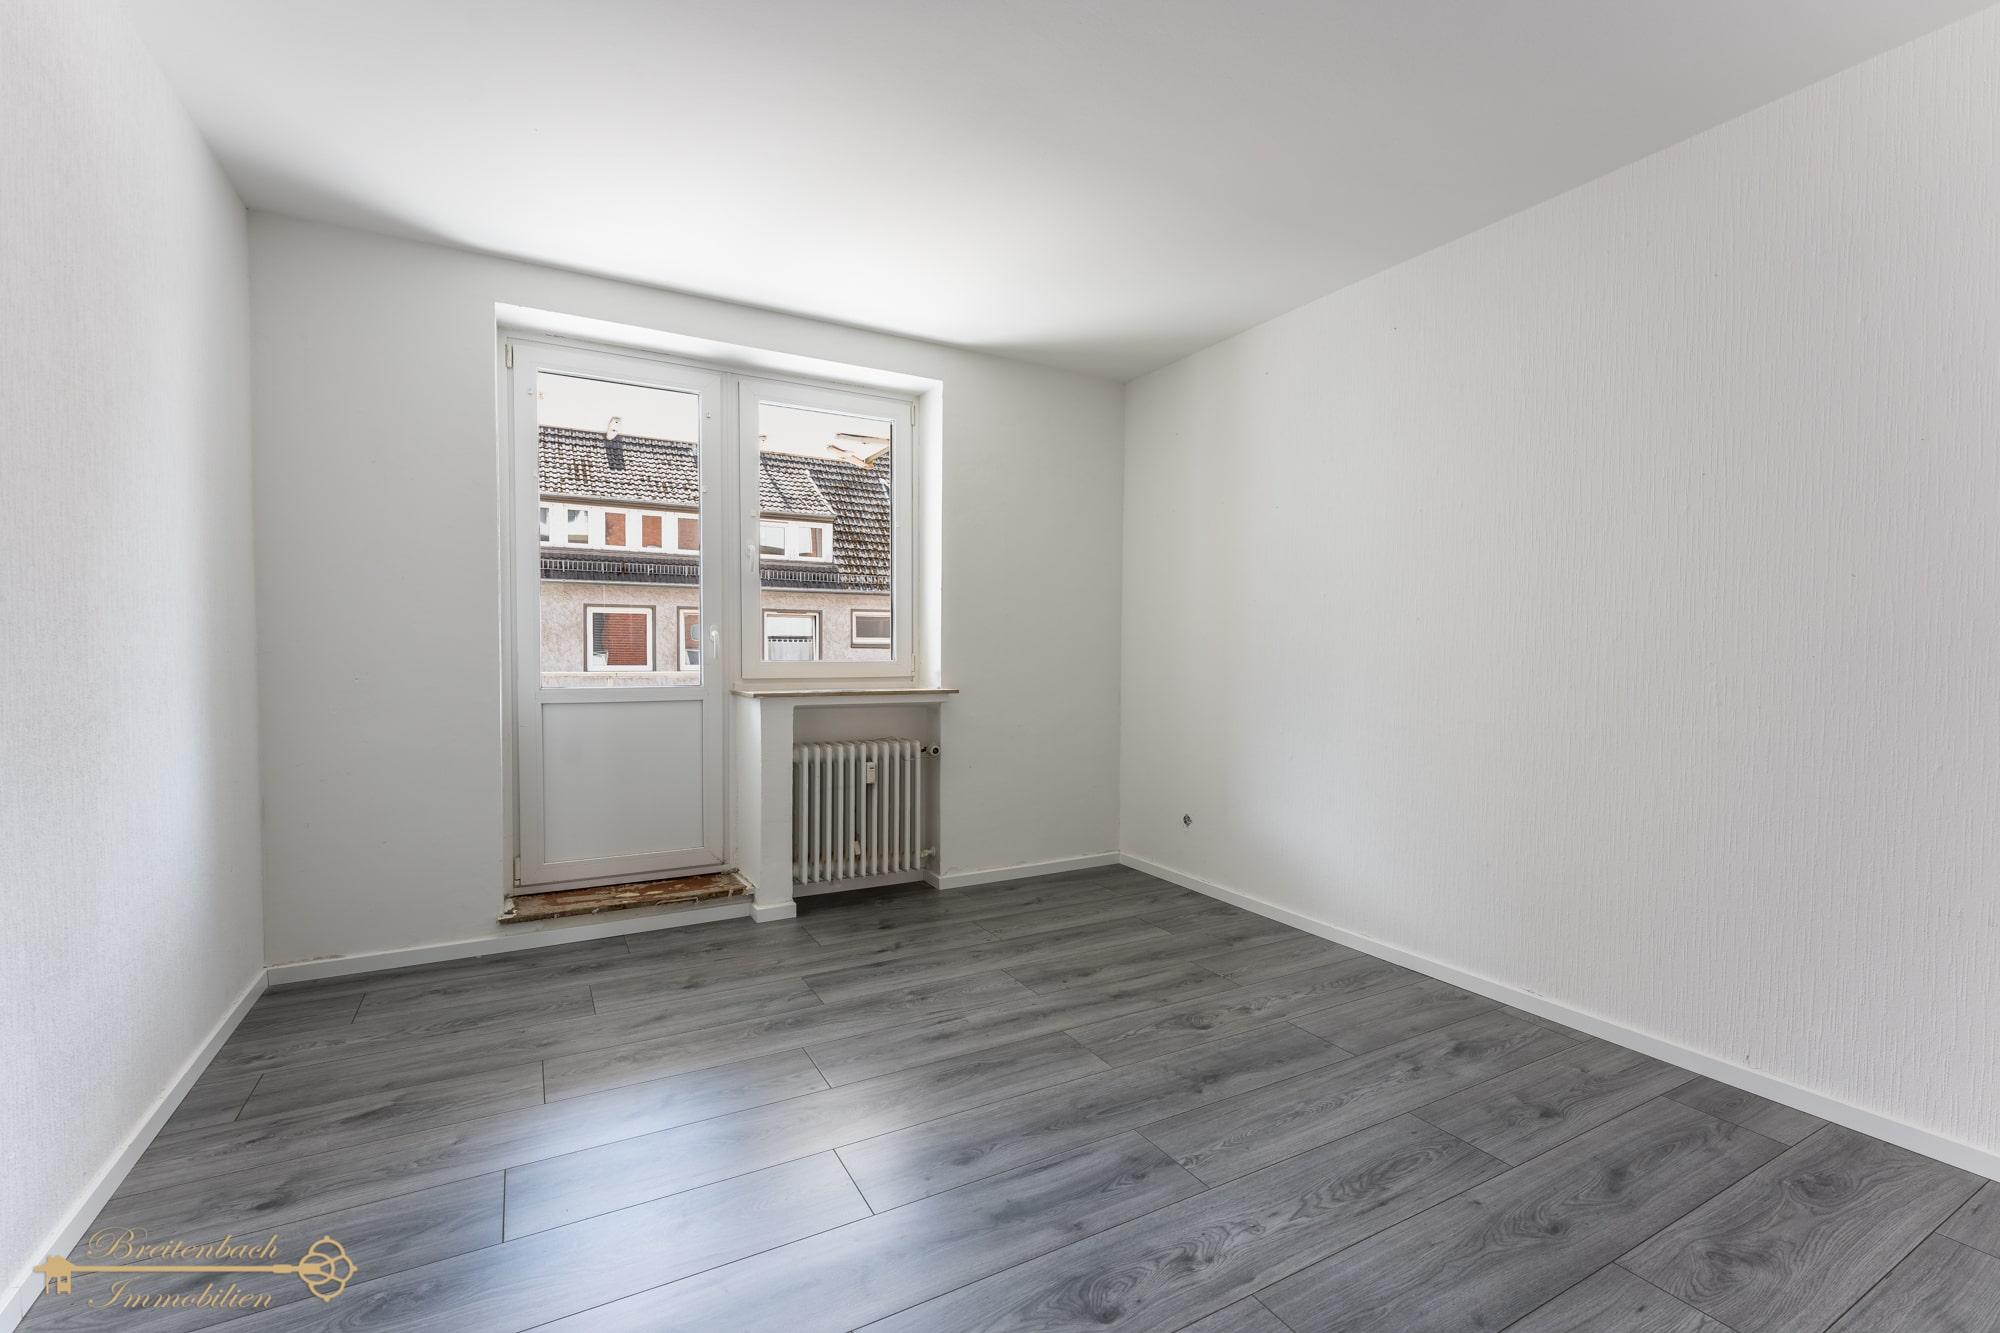 2021-08-03-Breitenbach-Immobilien-Makler-Bremen-3-min